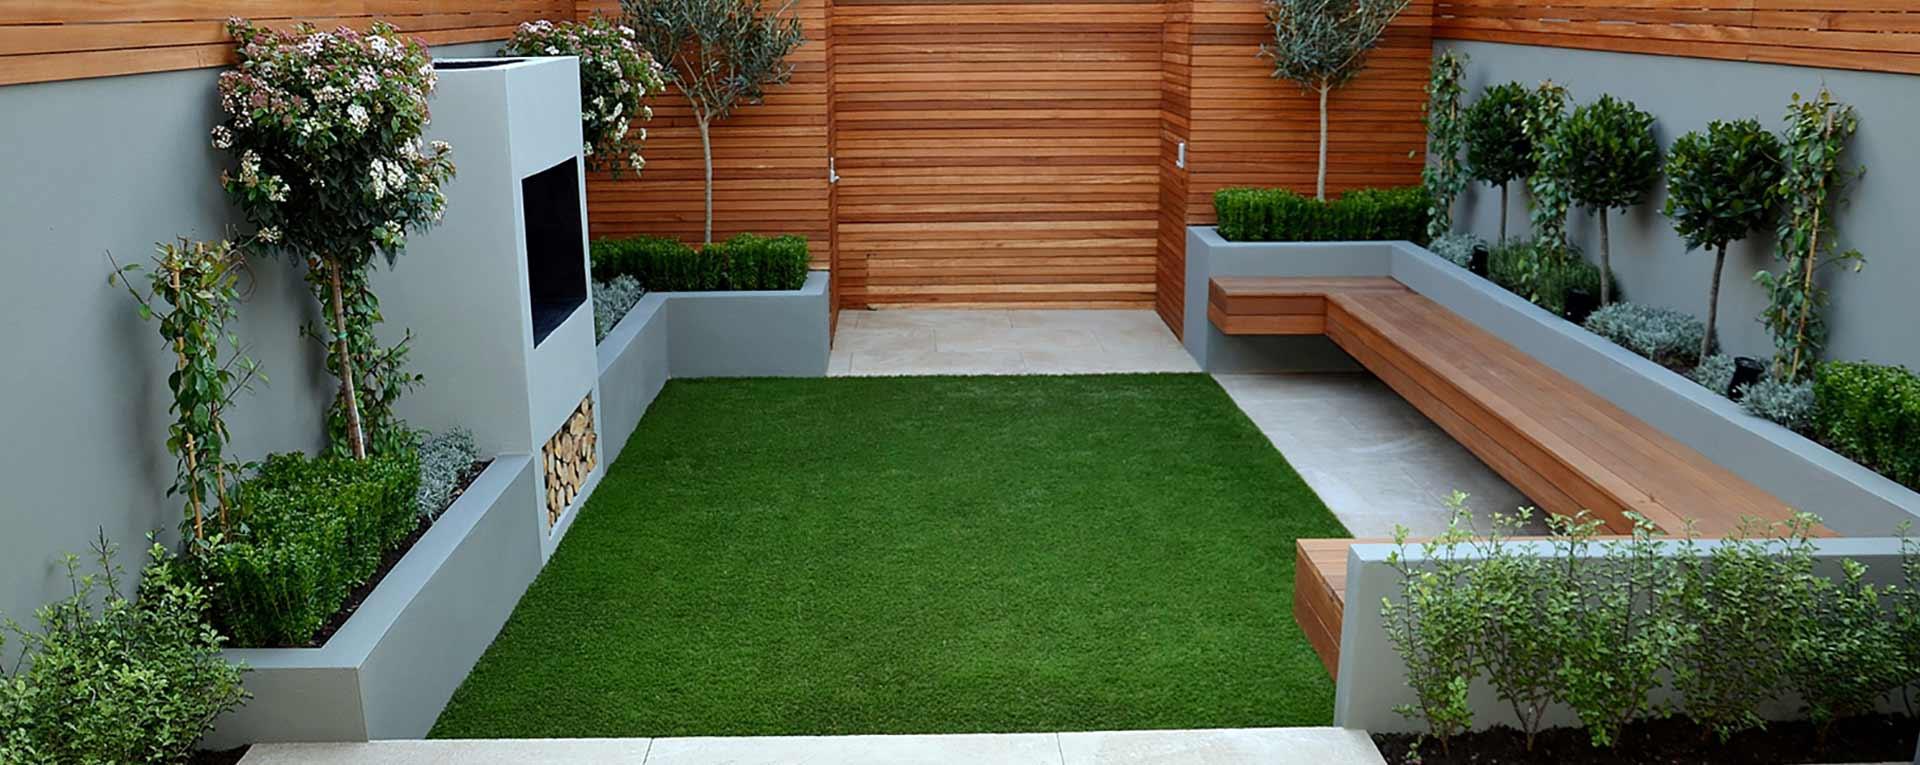 Landscaping Sydney | Landscape Design Company - Divine ...